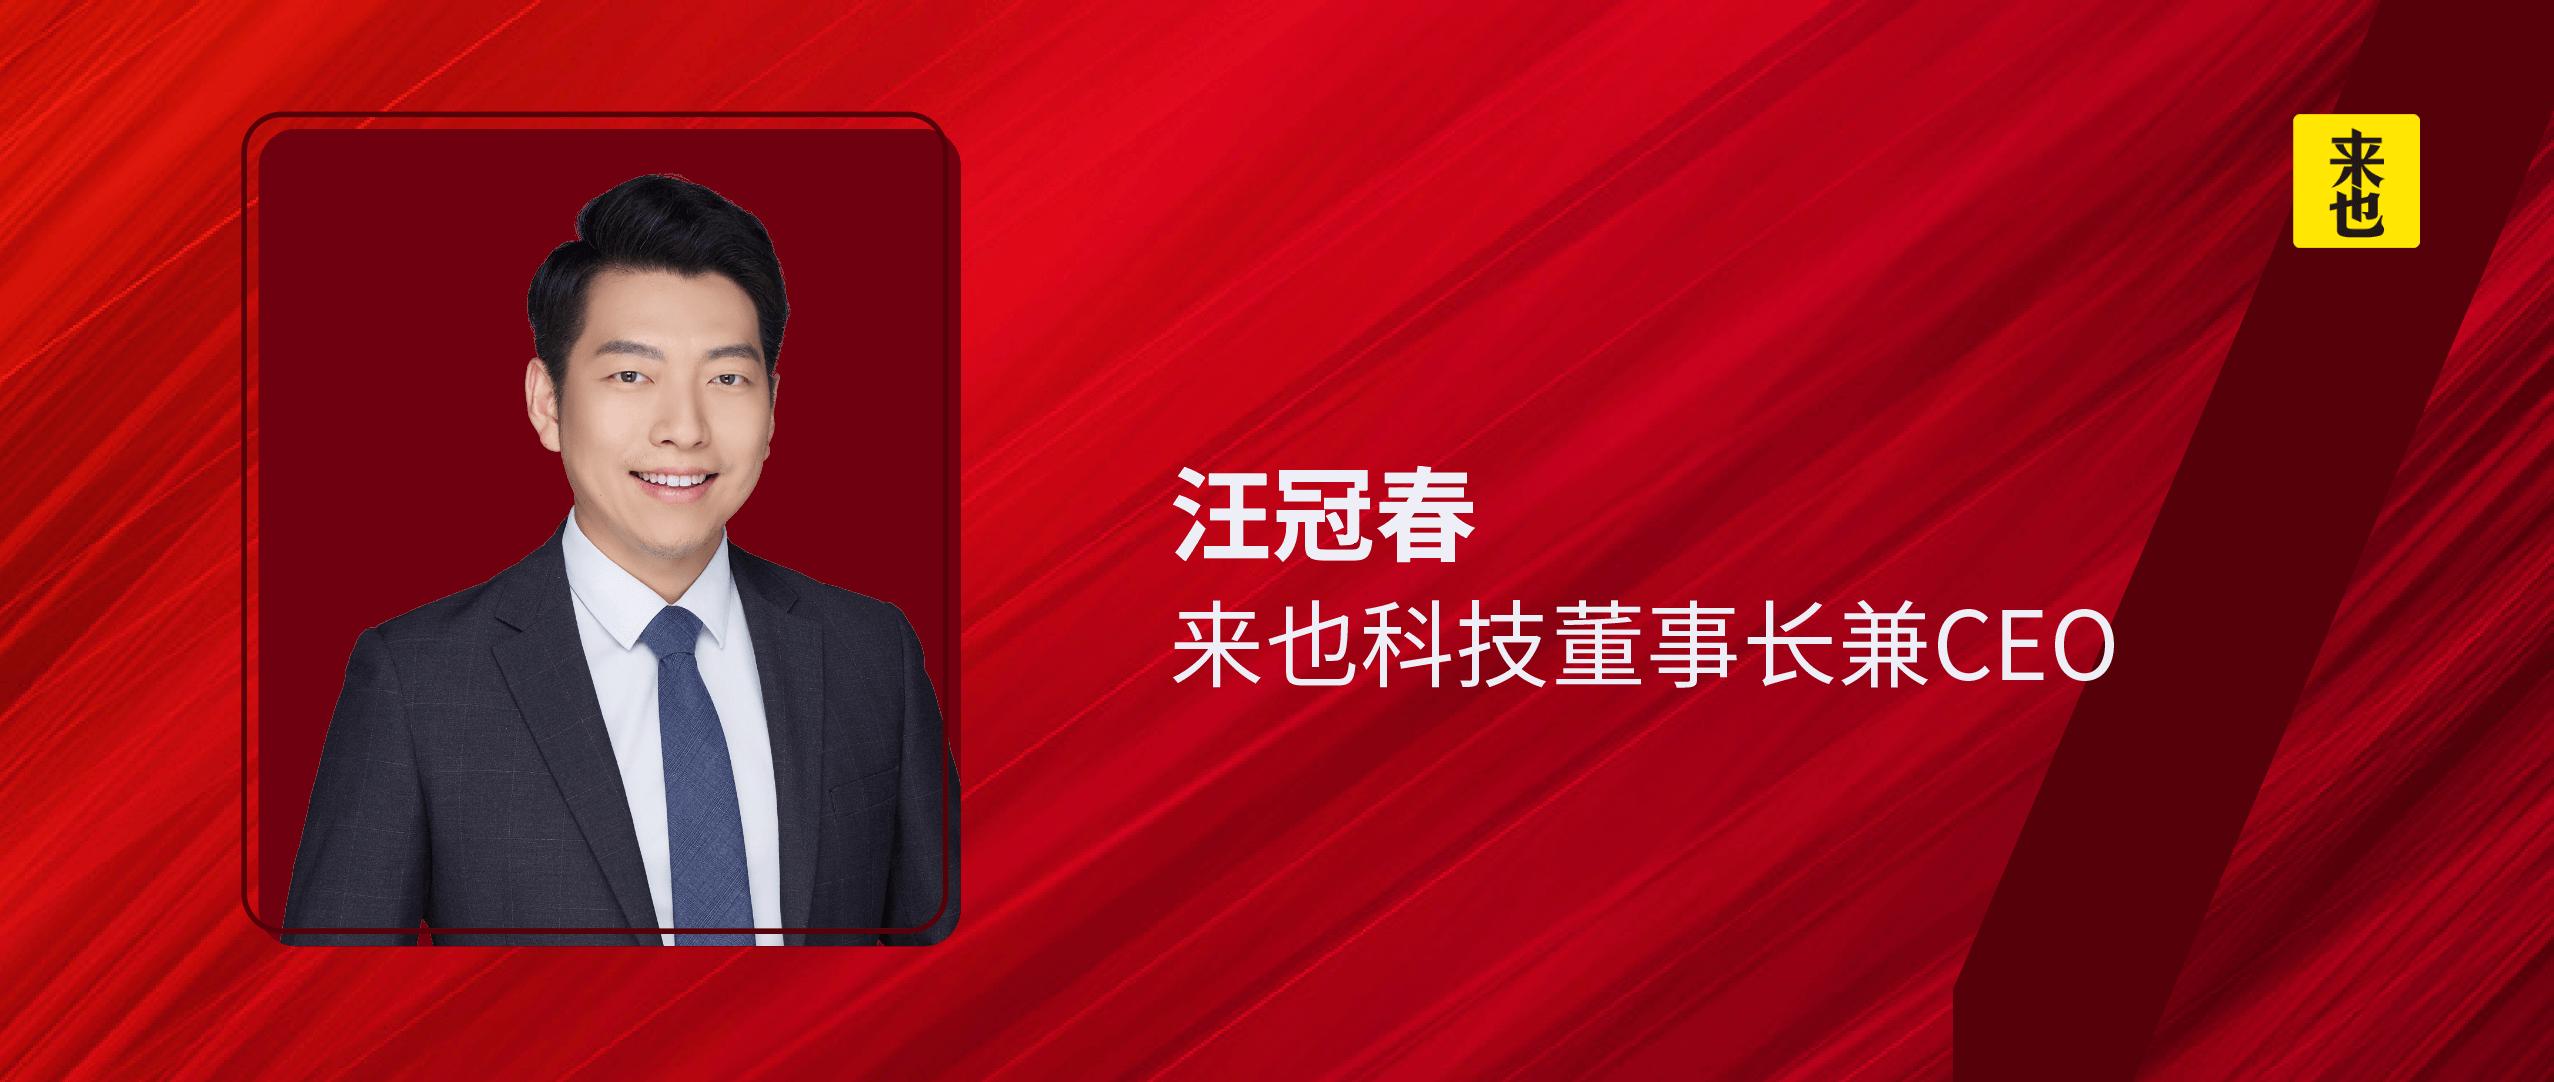 新年开工大吉 | 来也科技 CEO 汪冠春:中国 RPA+AI 创新将走向世界!